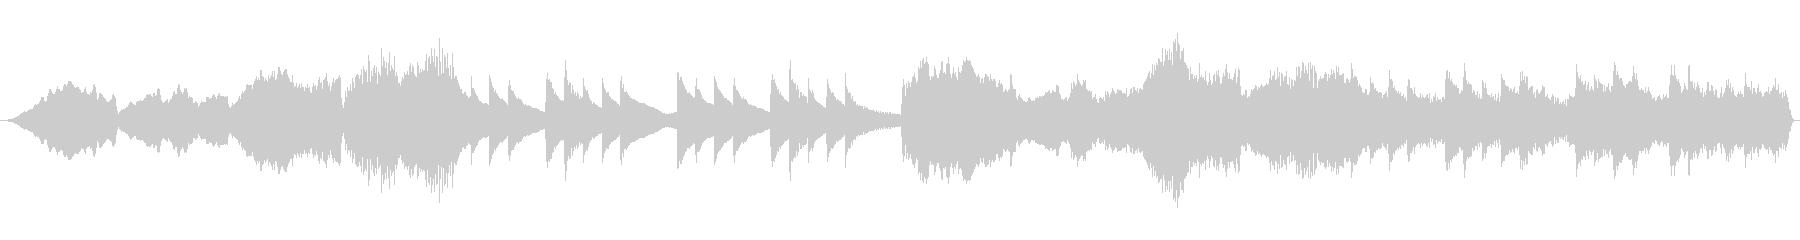 ミステリーホラー系ループ音源の未再生の波形